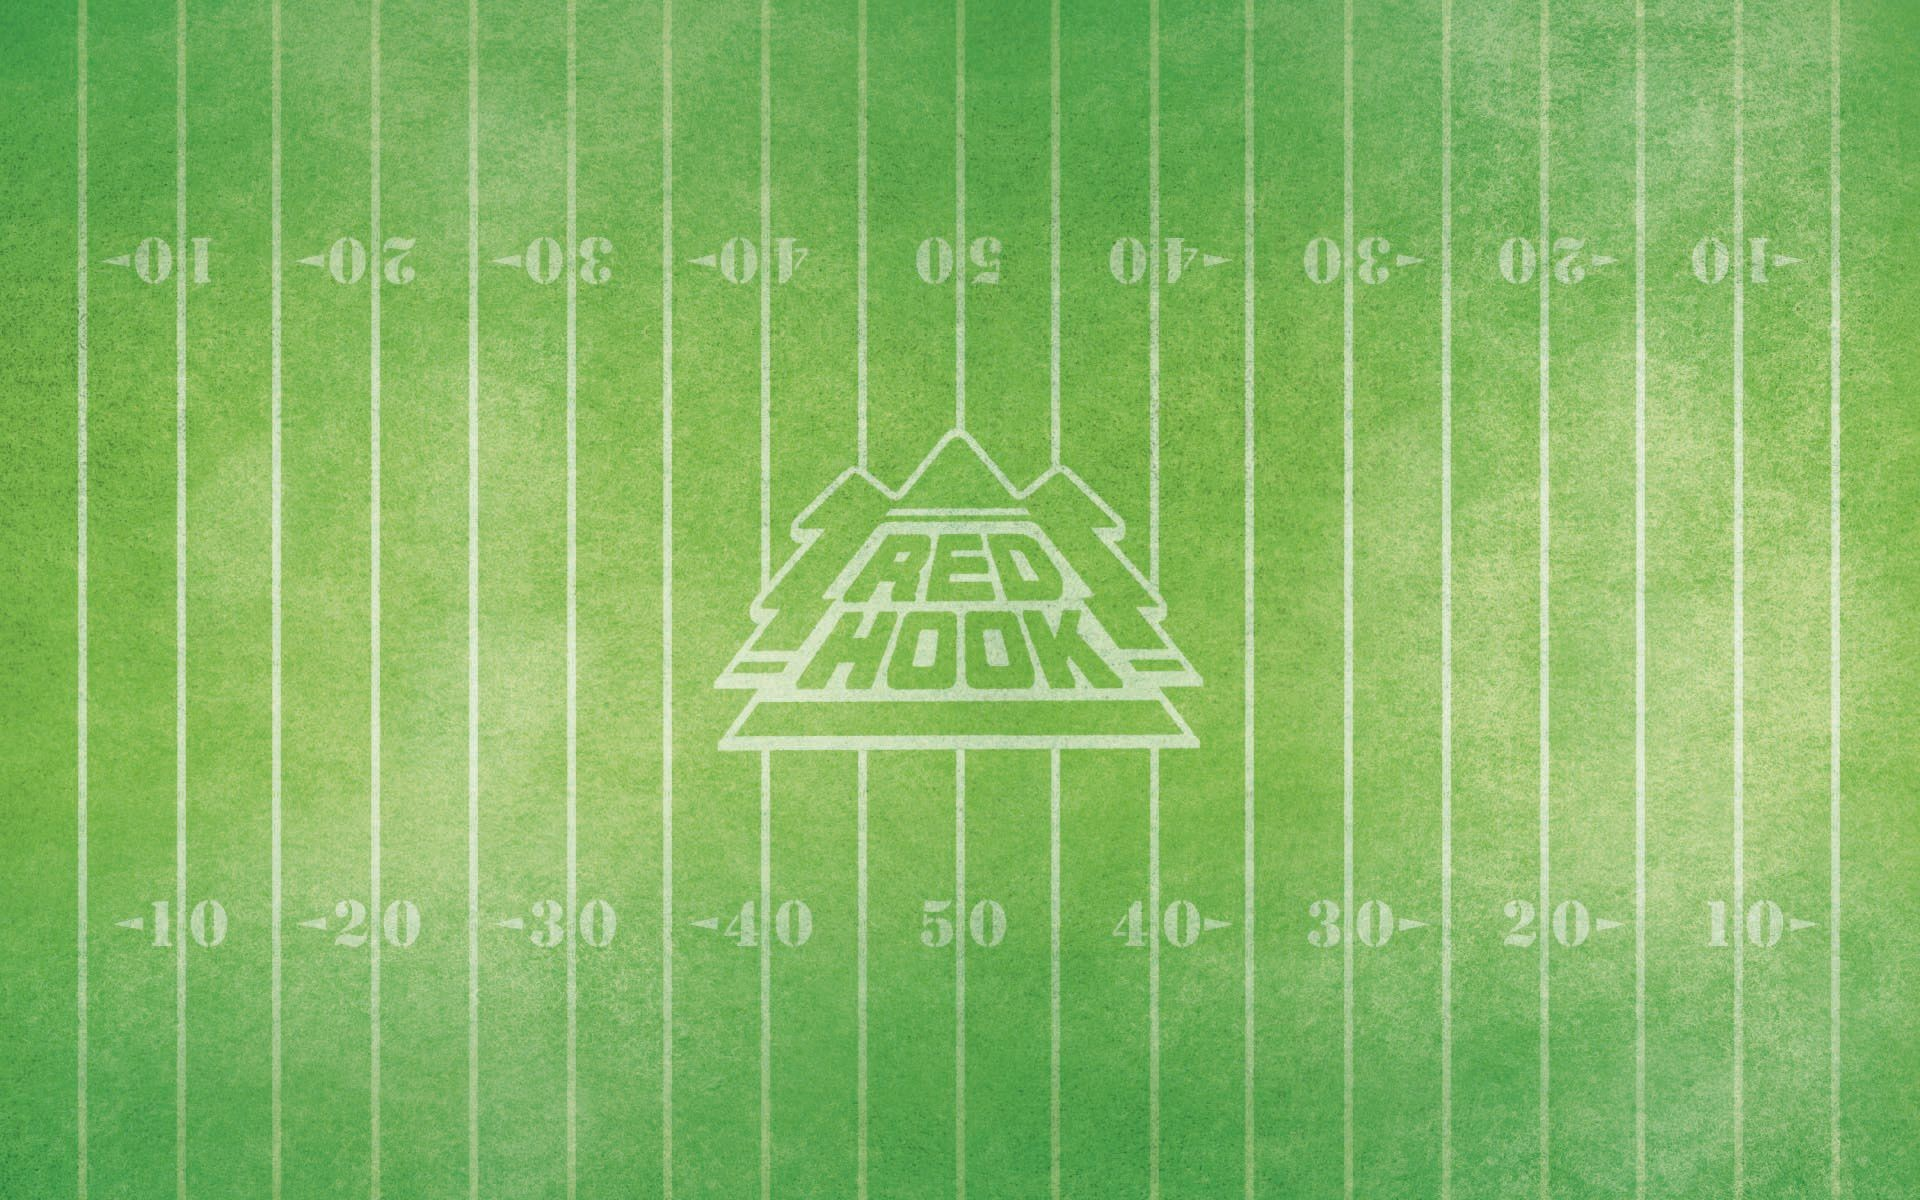 Football Field Backgrounds PixelsTalk Net #10027